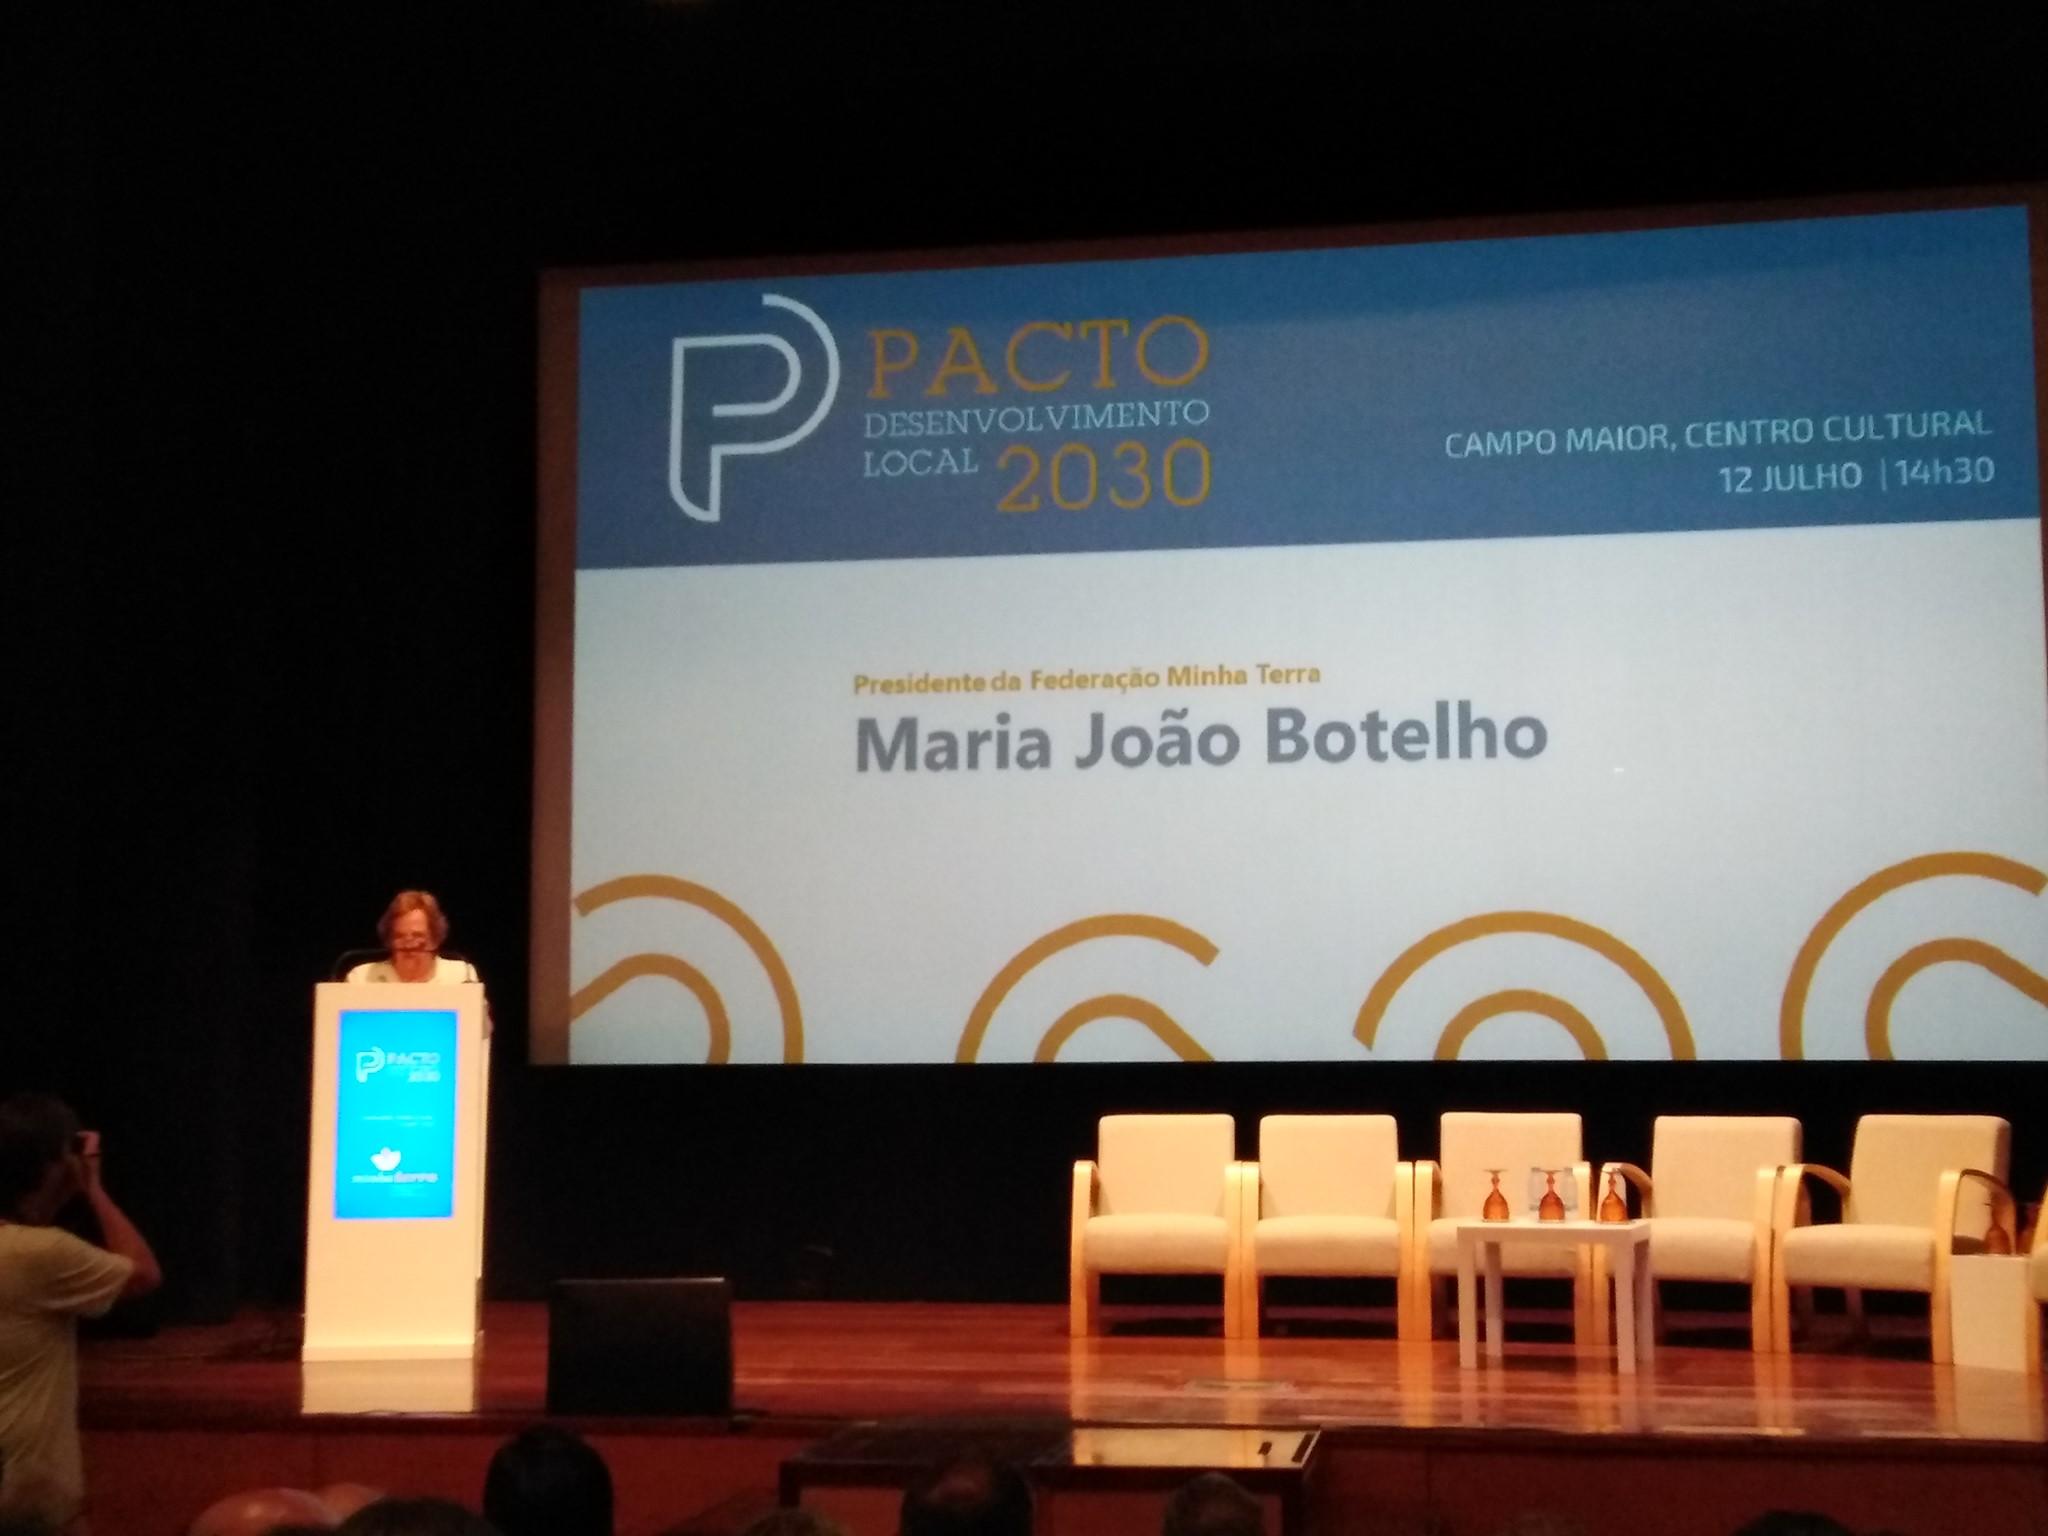 Pacto Desenvolvimento Local